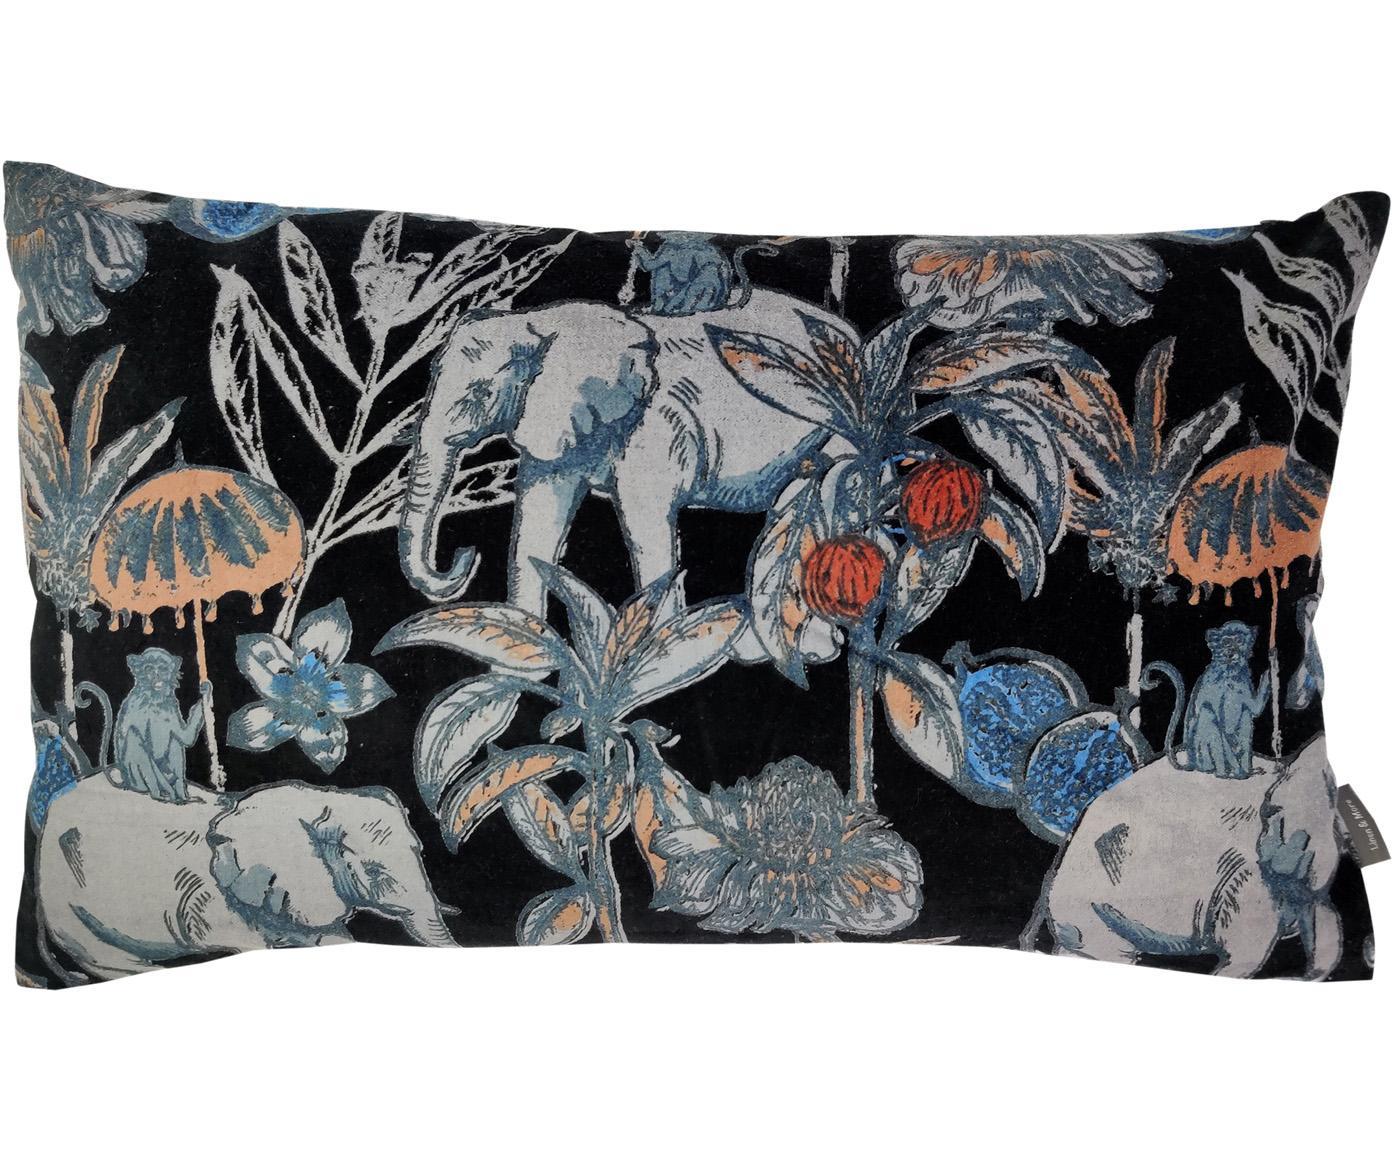 Kissen Elephant, mit Inlett, Bezug: 100% Baumwolle, Schwarz, Mehrfarbig, 30 x 50 cm